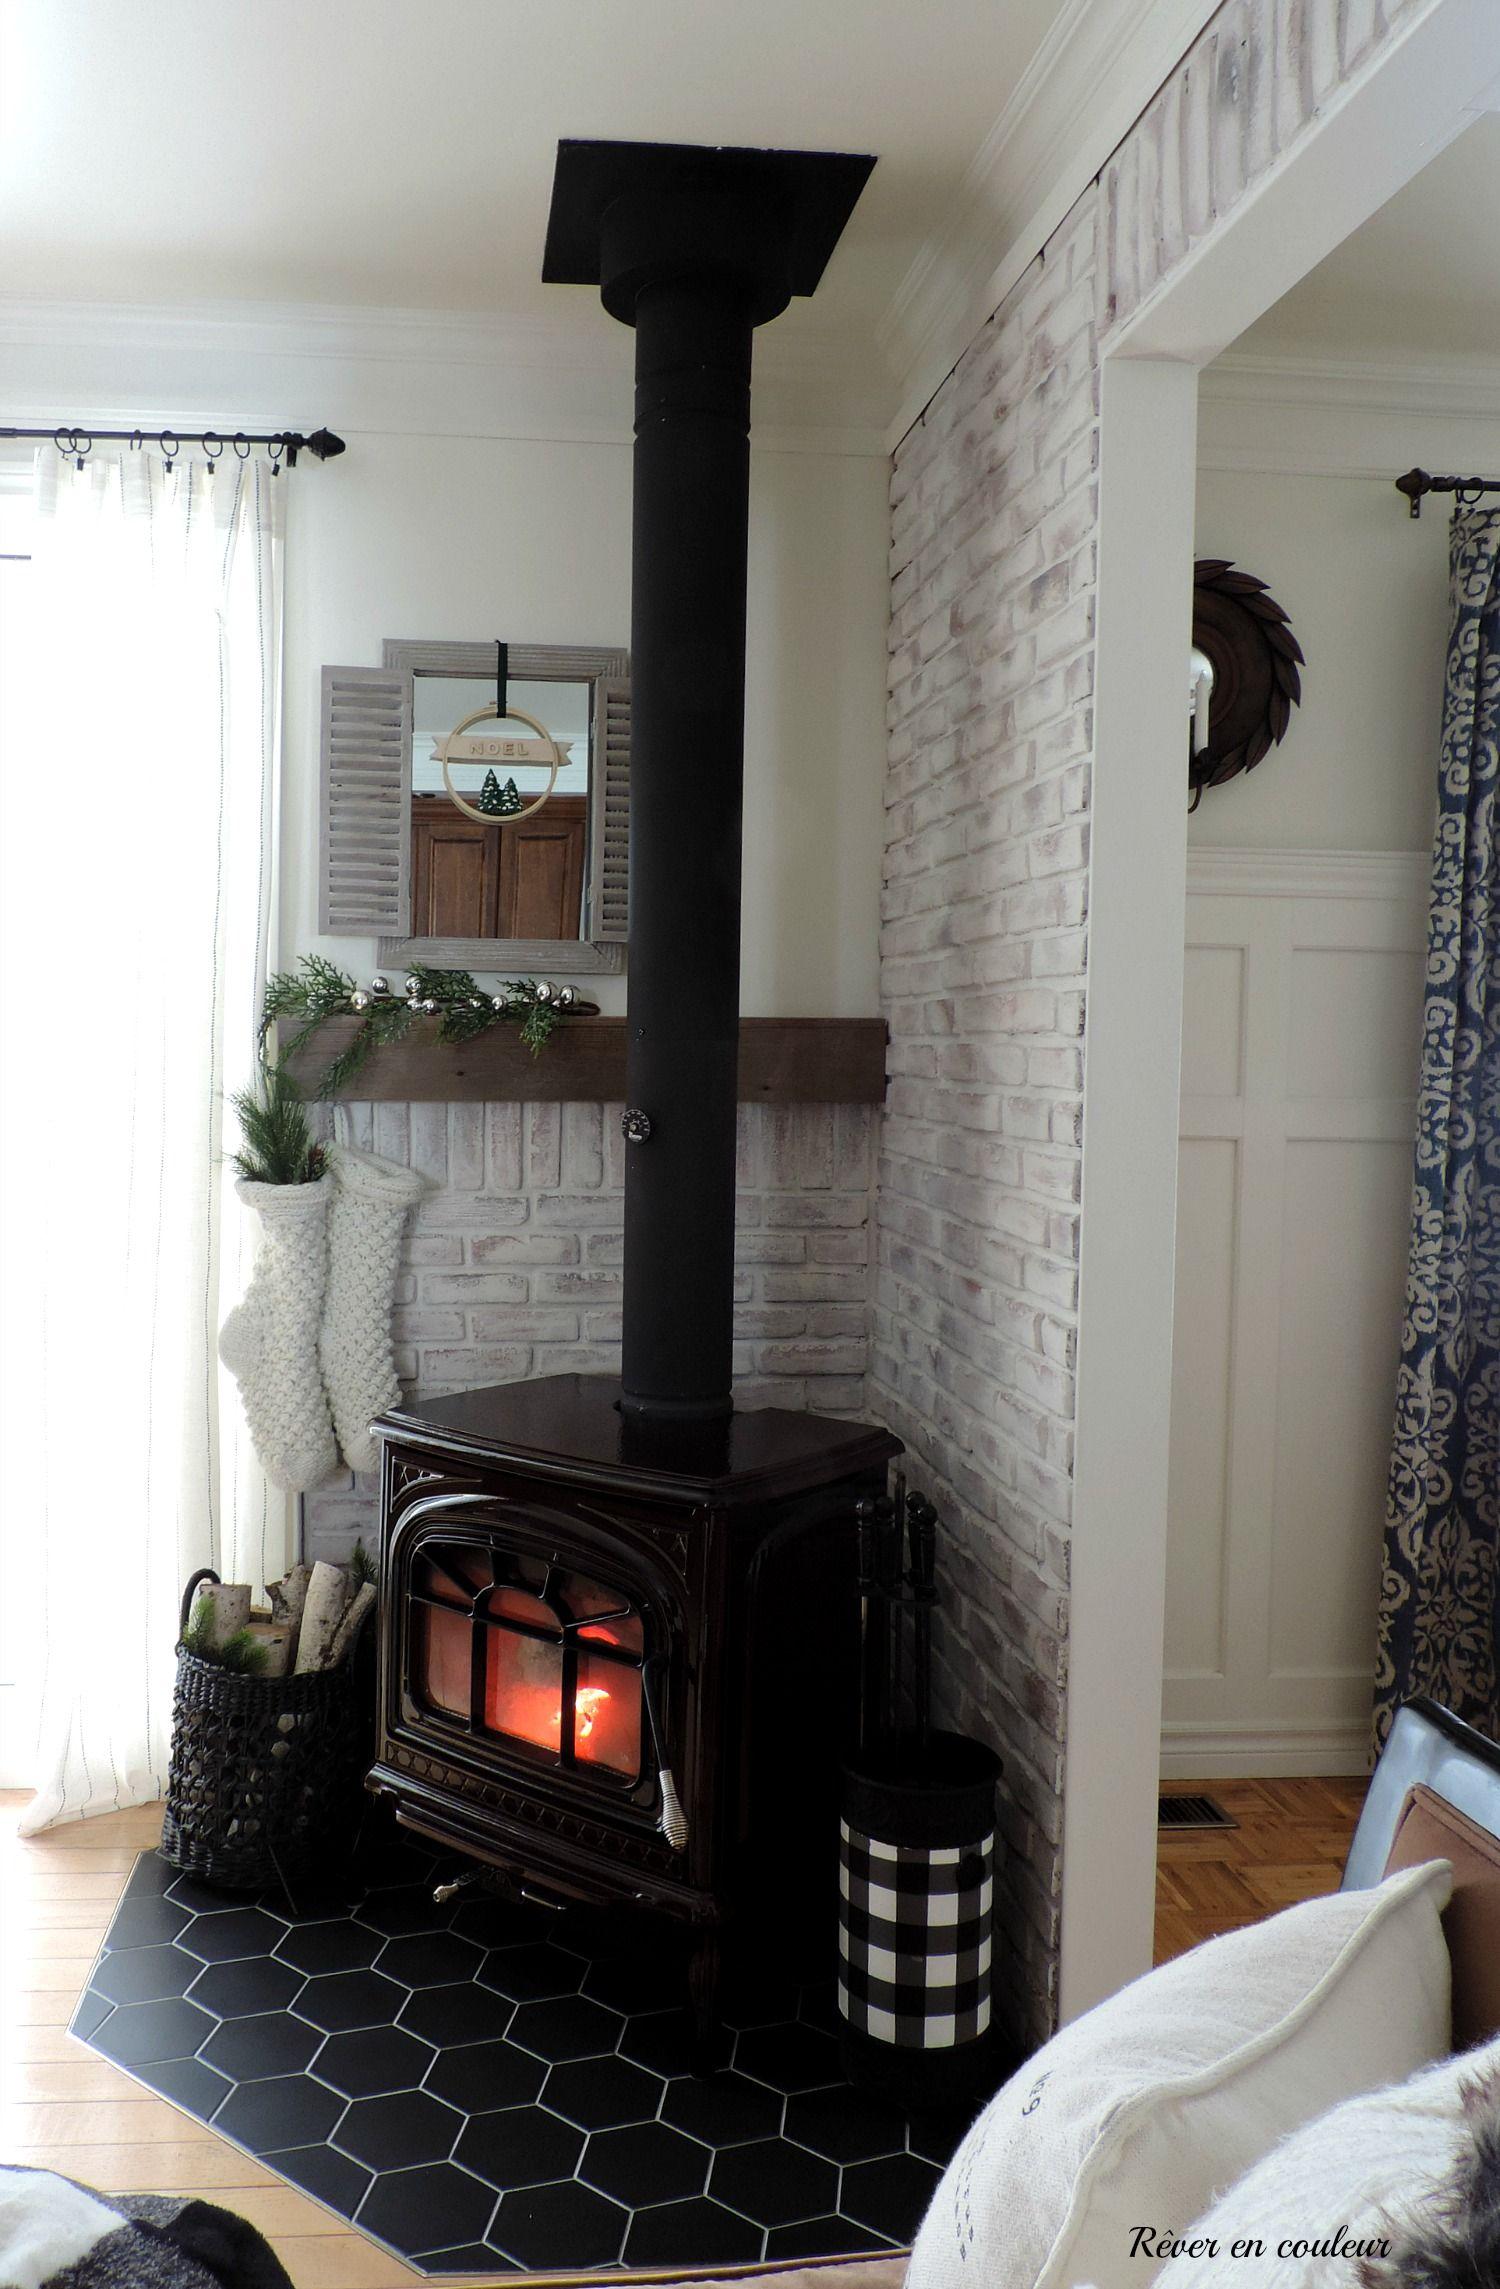 La Cuisine Transformation Du Mur De Briques Rever En Couleur Wood Stove Decor Freestanding Fireplace Home Fireplace